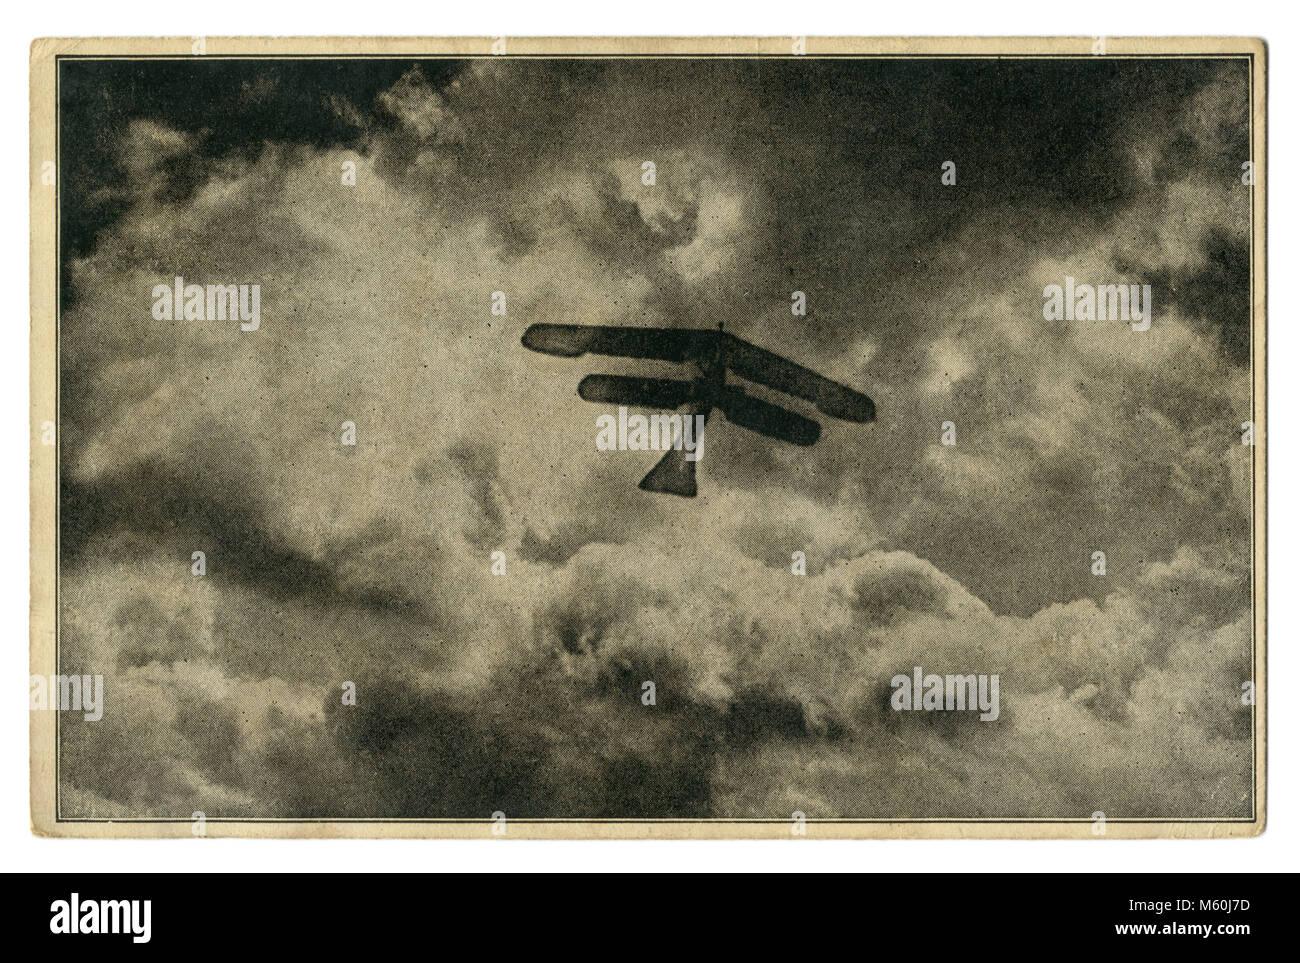 La Credenza In Tedesco : Vecchia cartolina tedesco: a voli ad alta quota silhouette di un